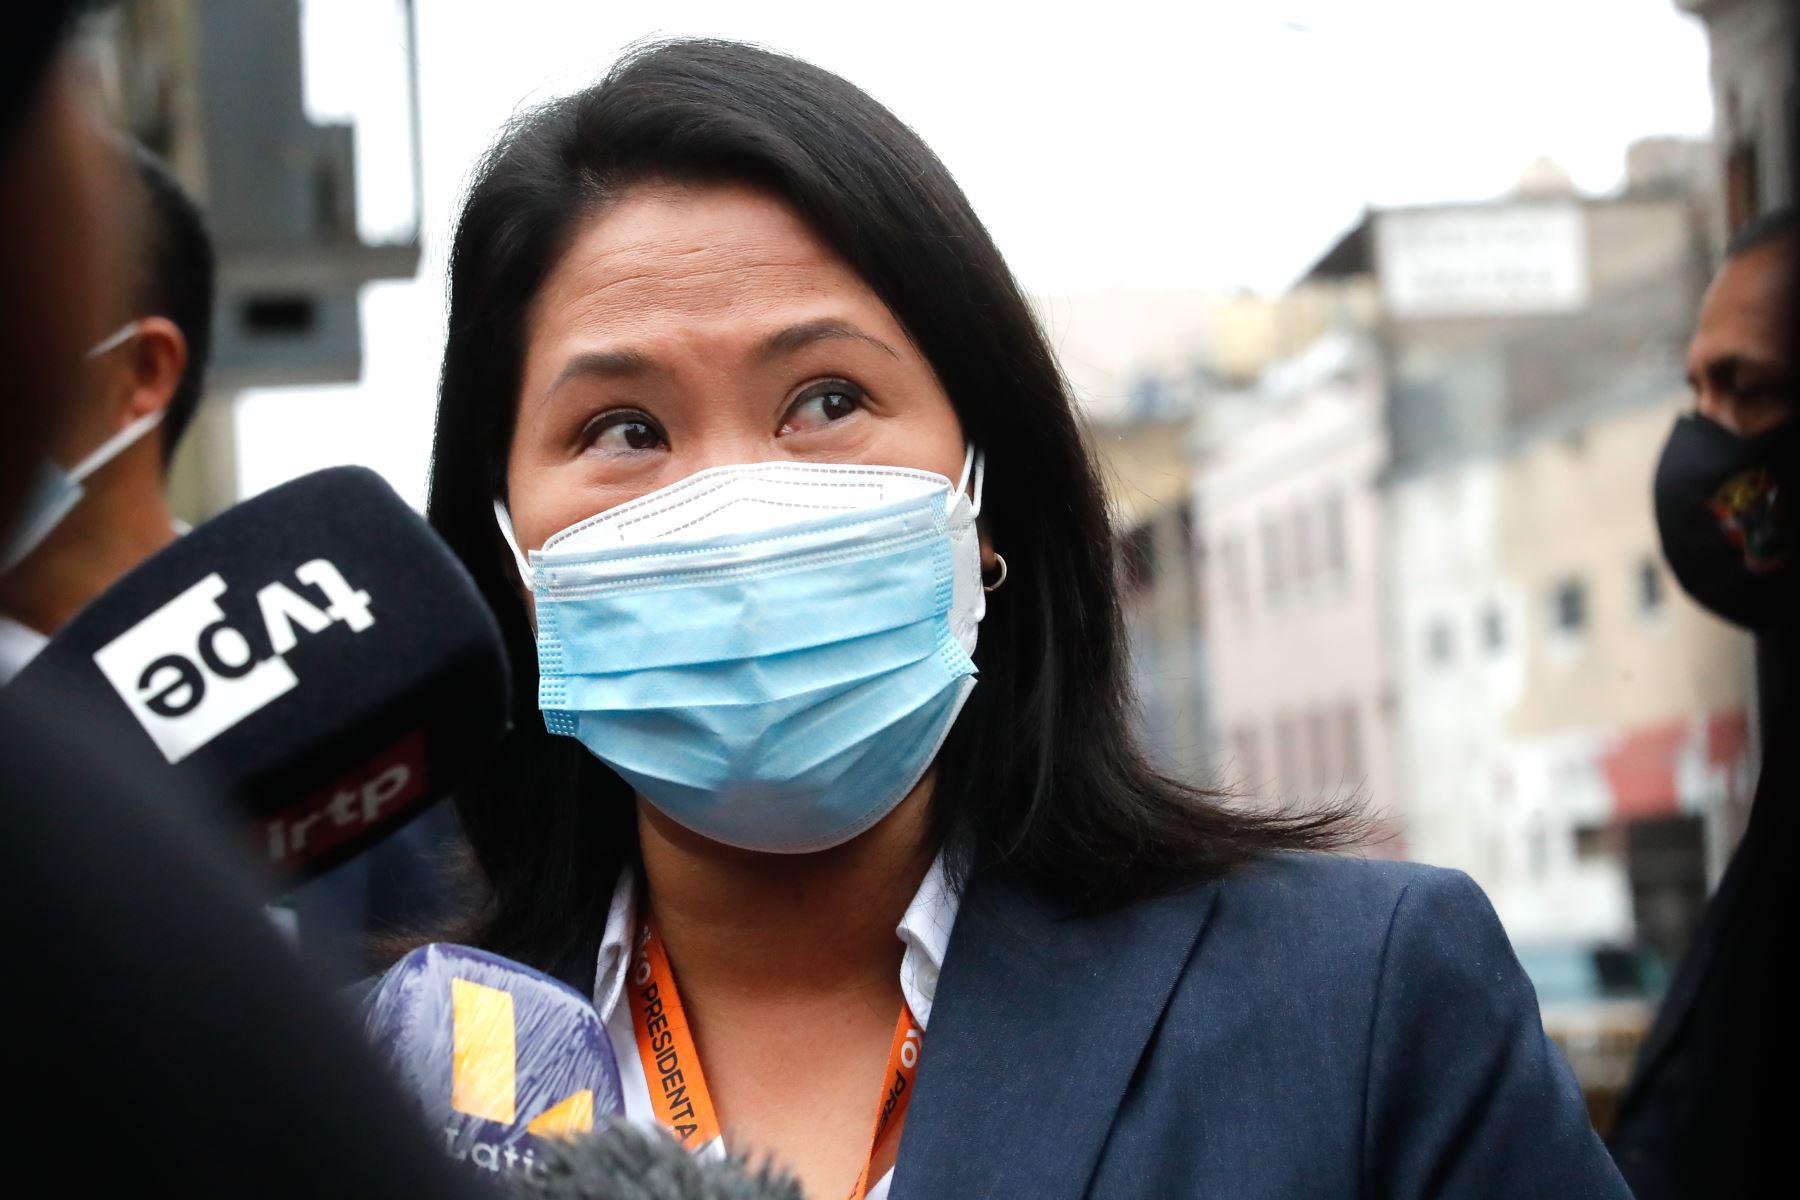 La candidata presidencial, Keiko Fujimori, declara a la prensa en los exteriores de la sala de audiencia. Foto: ANDINA/Juan Carlos Guzmán